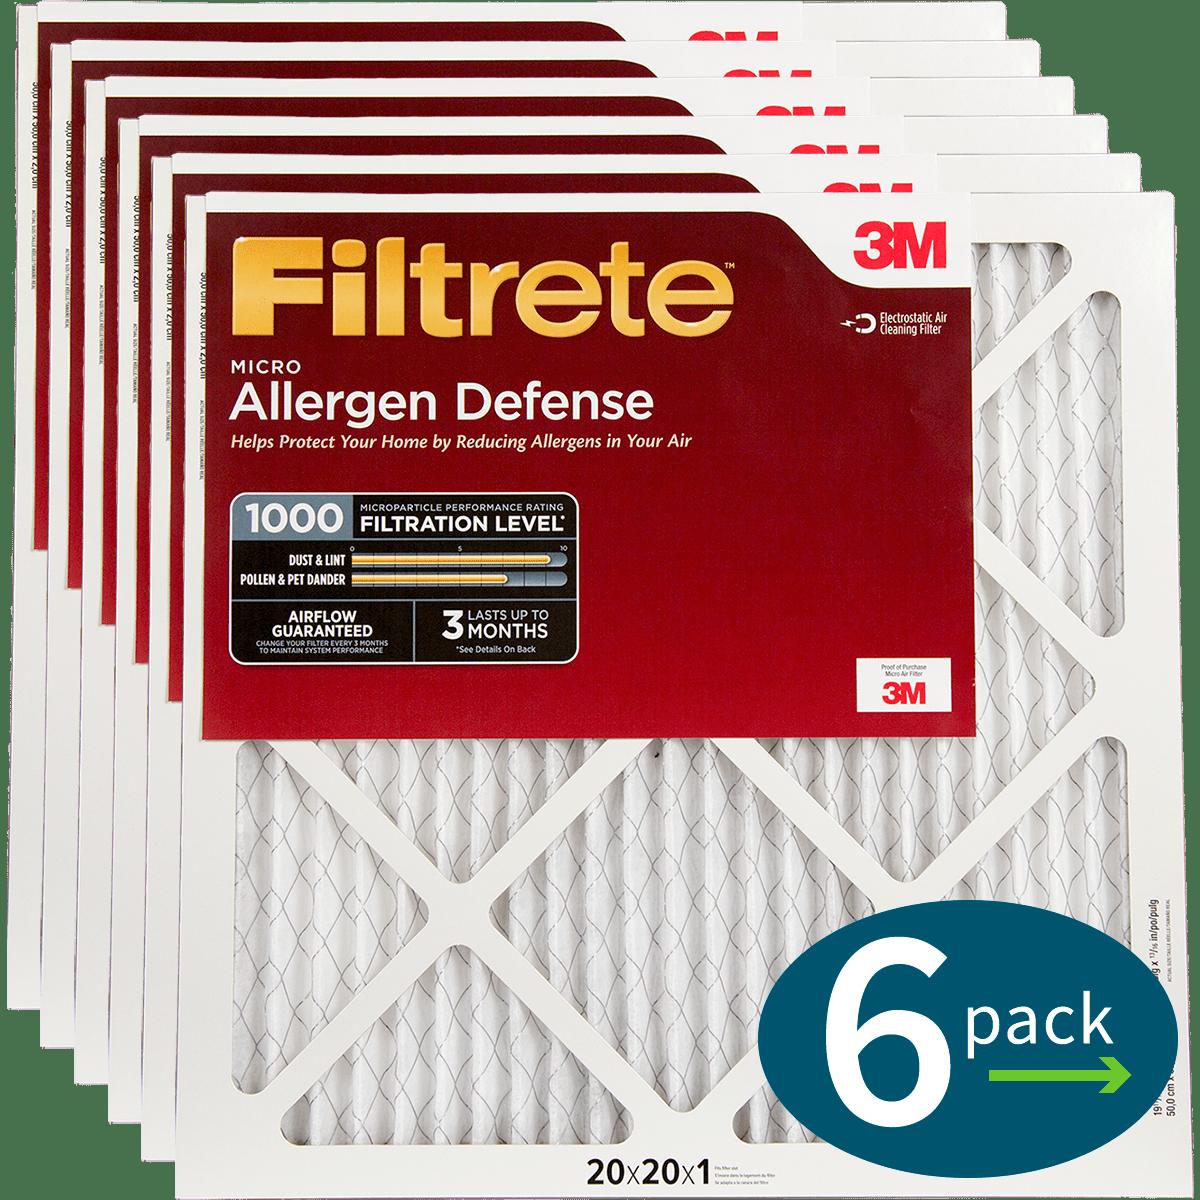 3M Filtrete 1-Inch Micro Allergen Defense MPR 1000 Air Filters - 2 Pack fi5413